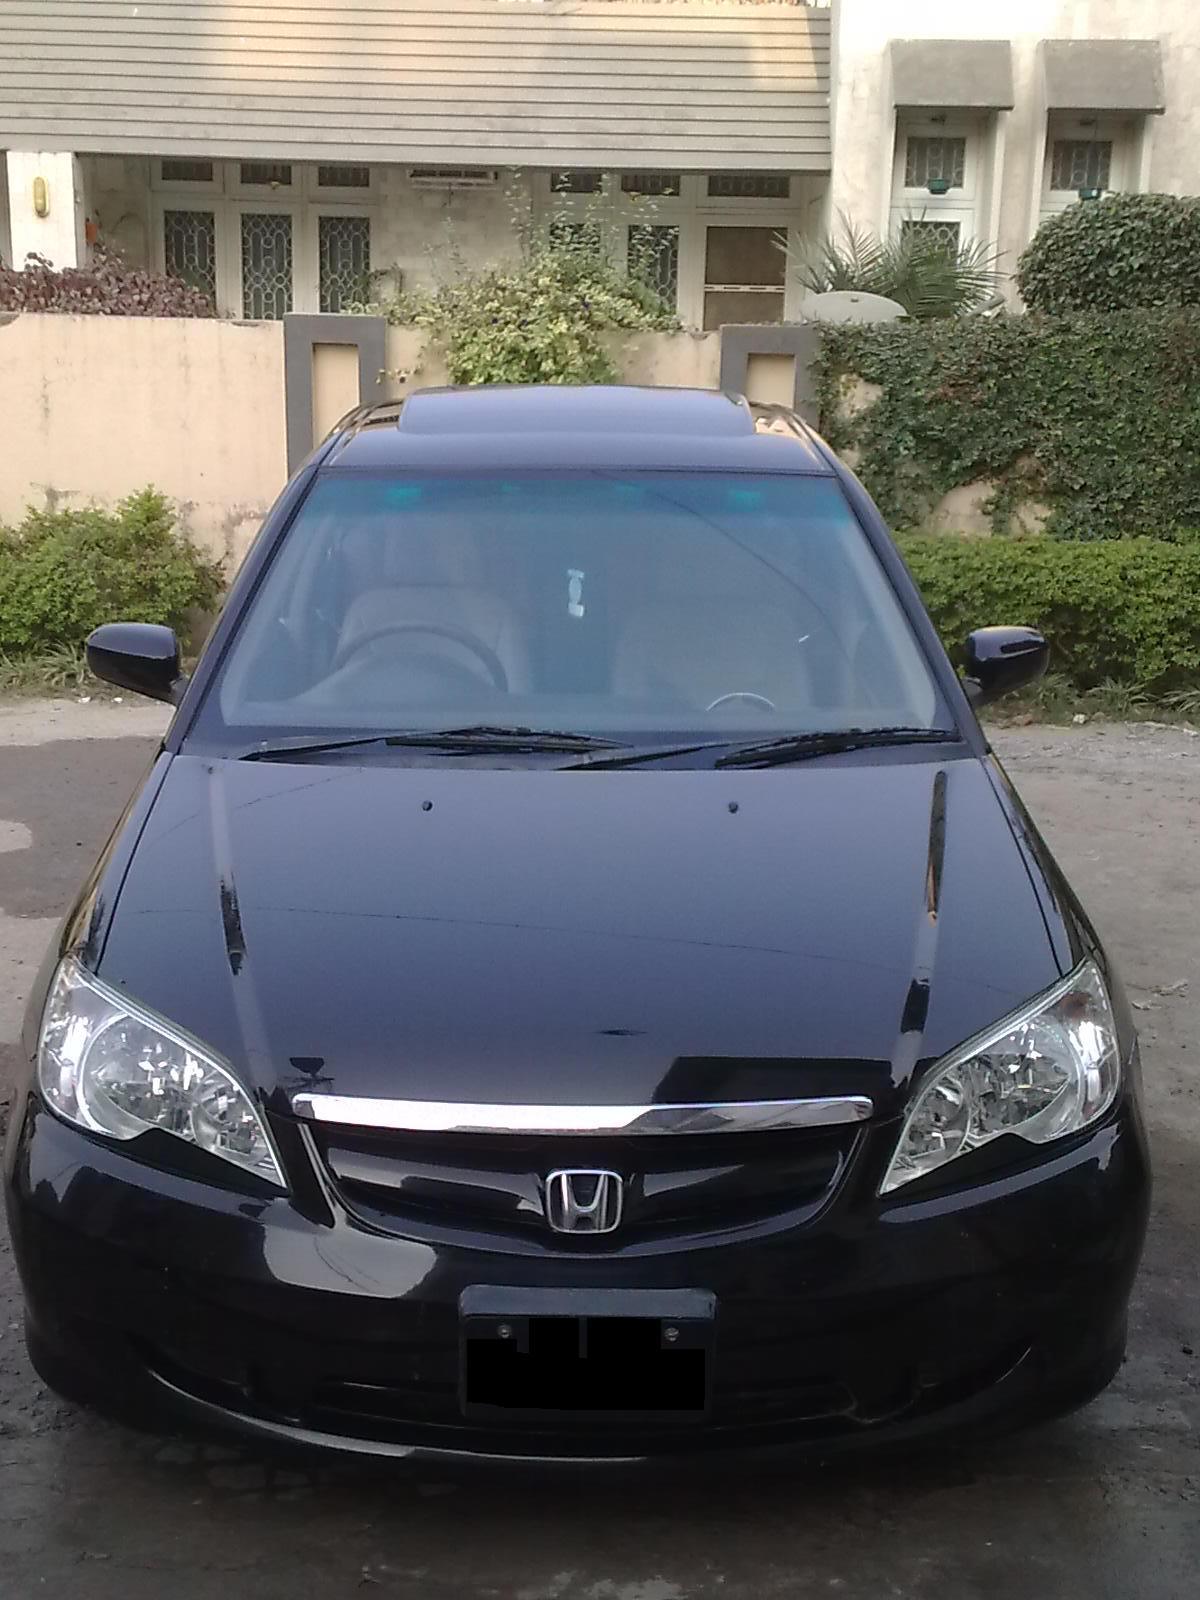 Honda Civic - 2005 eagle eyes Image-1